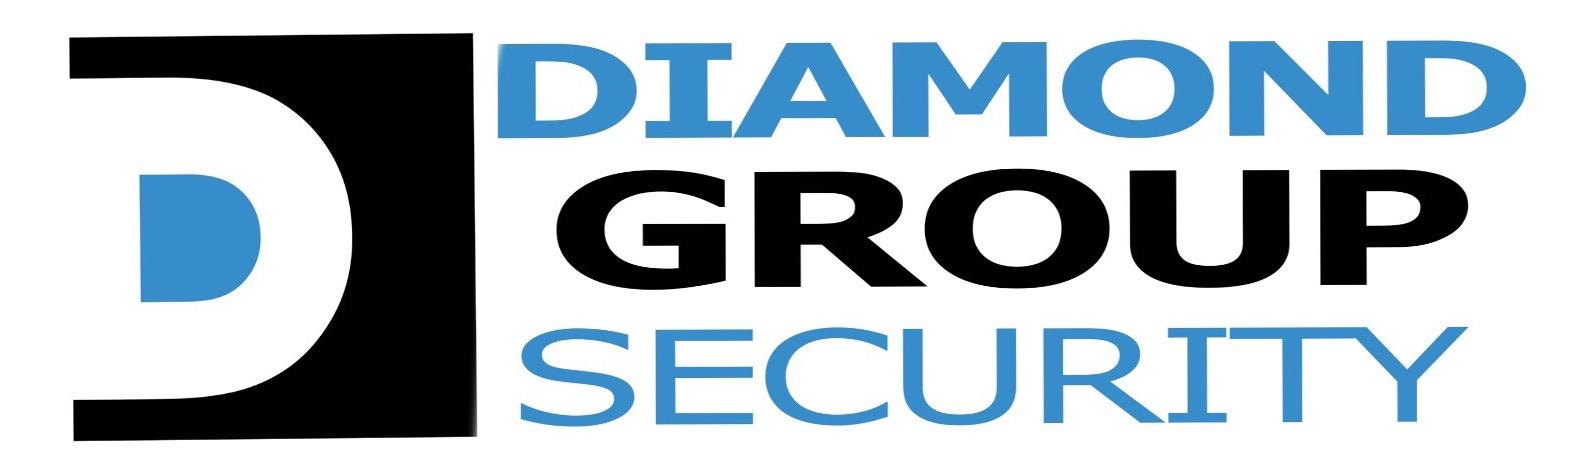 Diamond Group Security